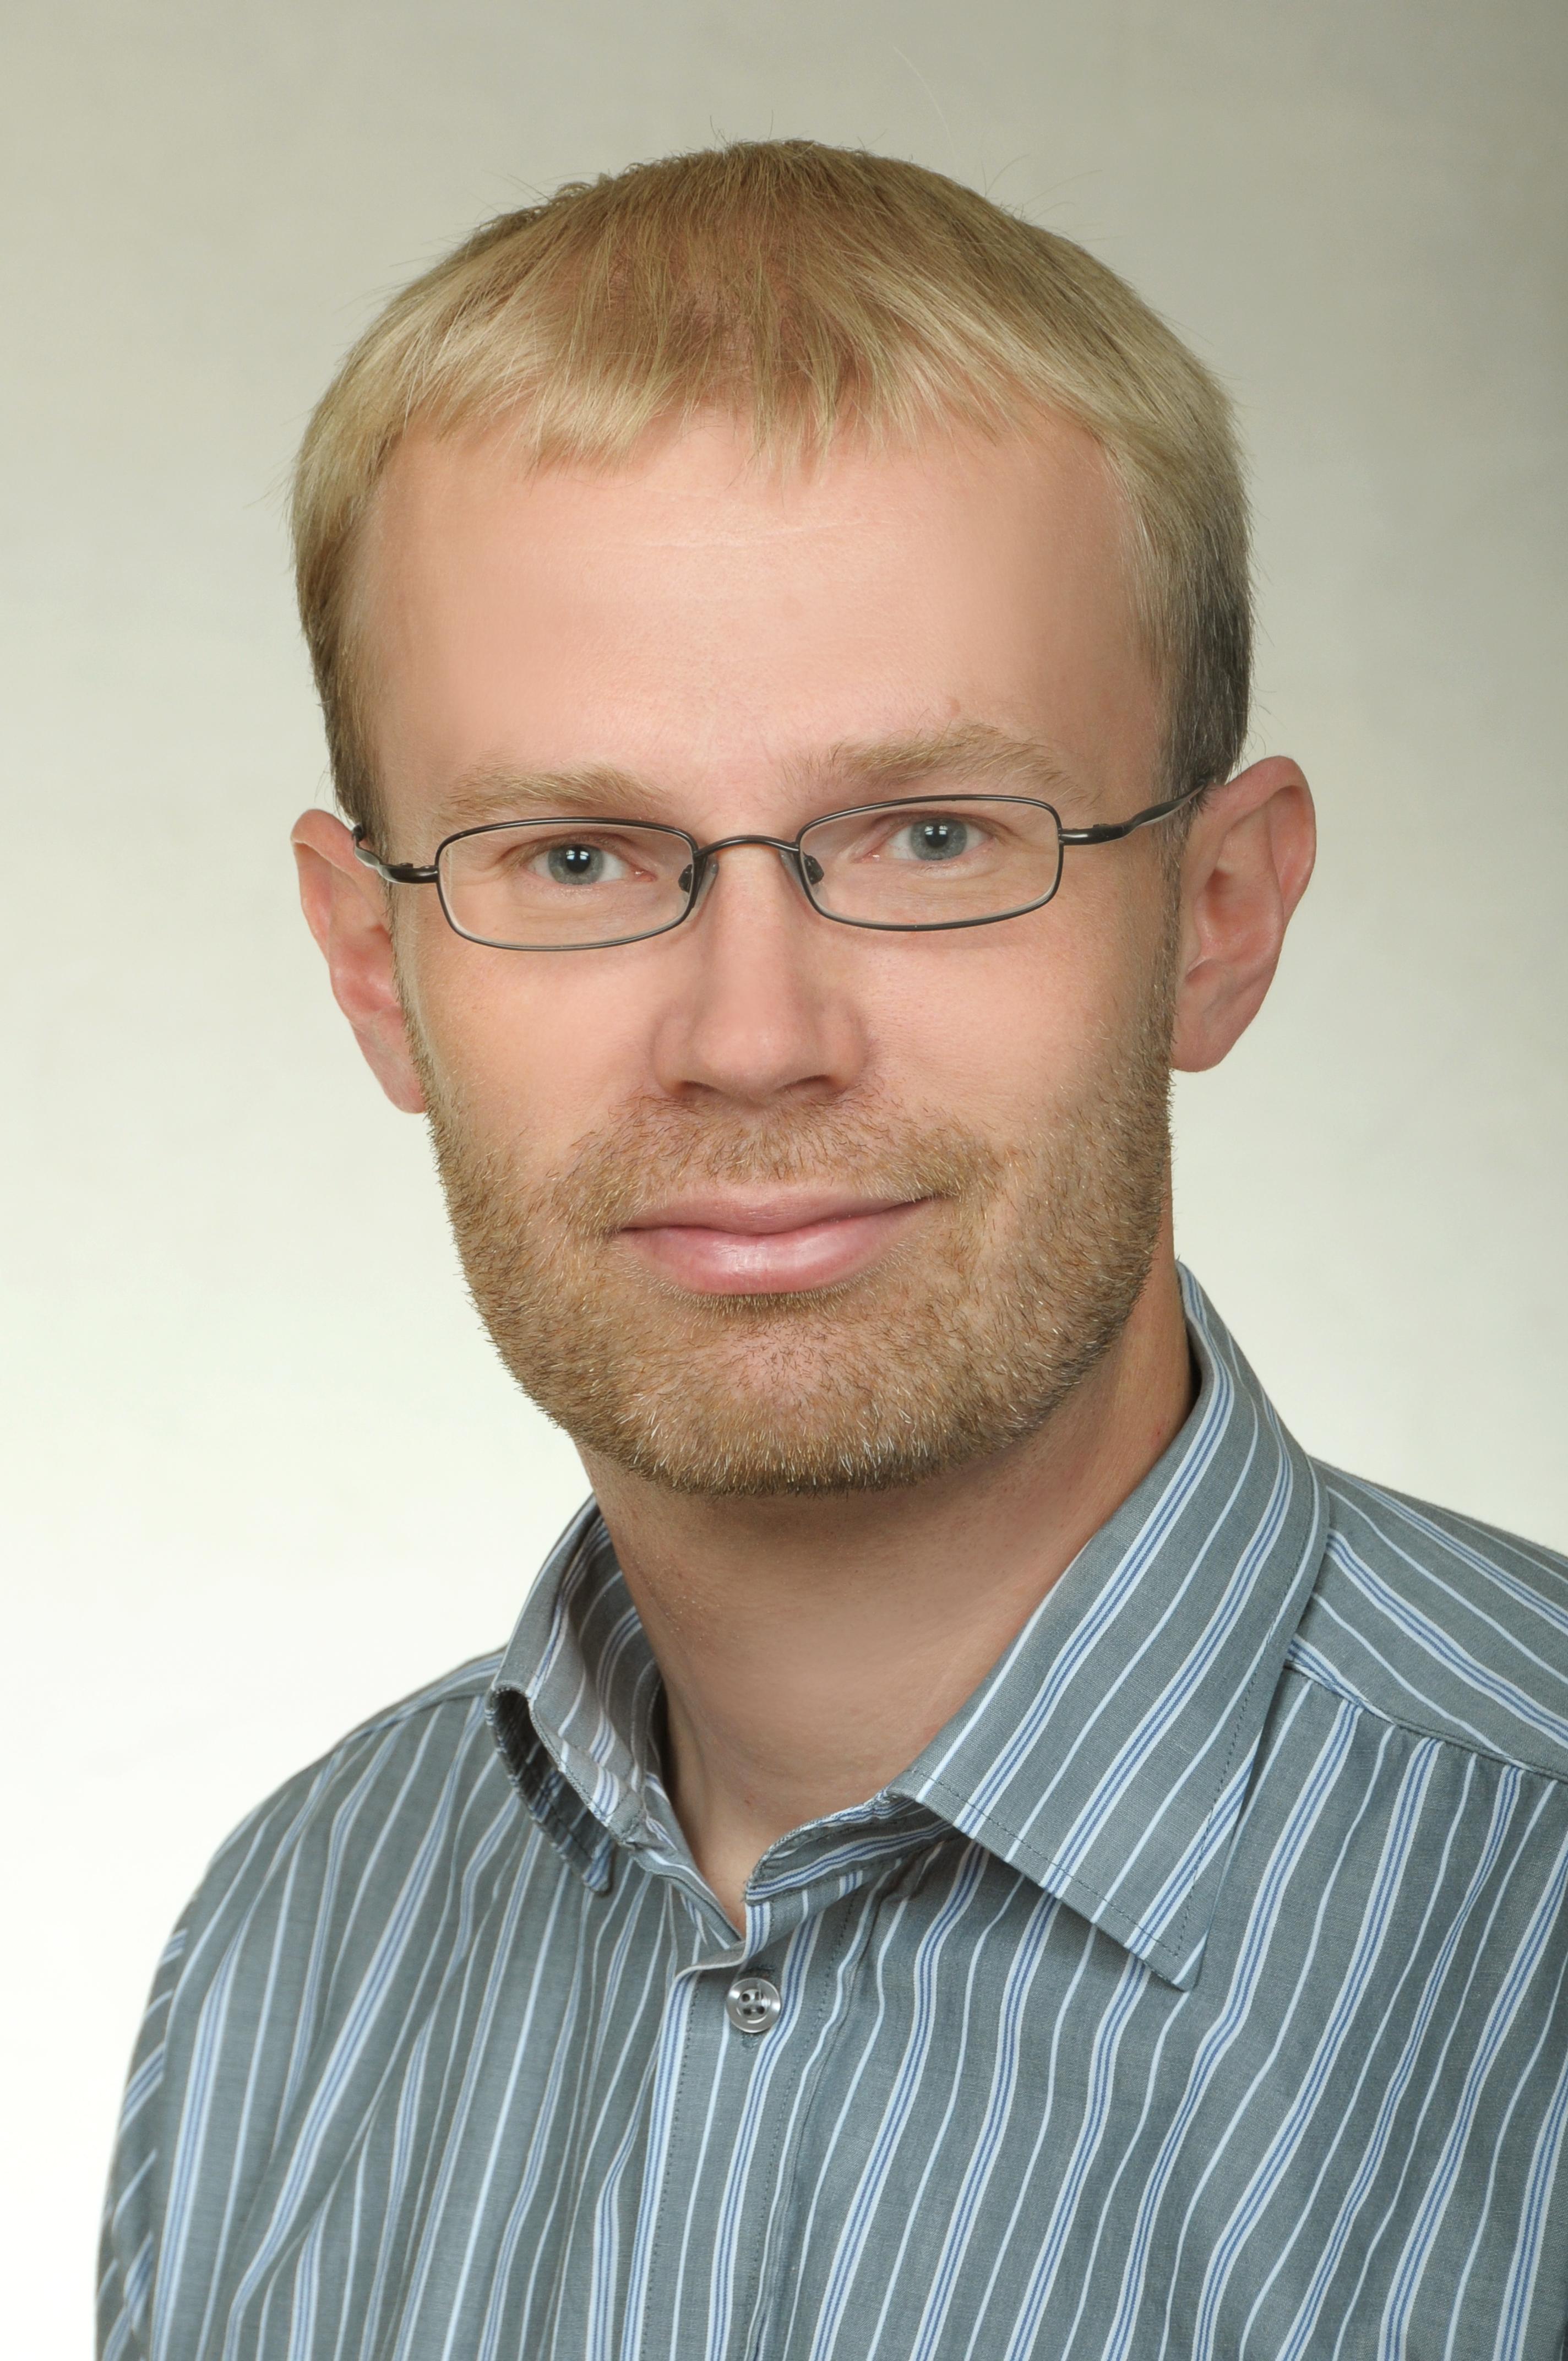 Matti Kojo, Lapinlahti